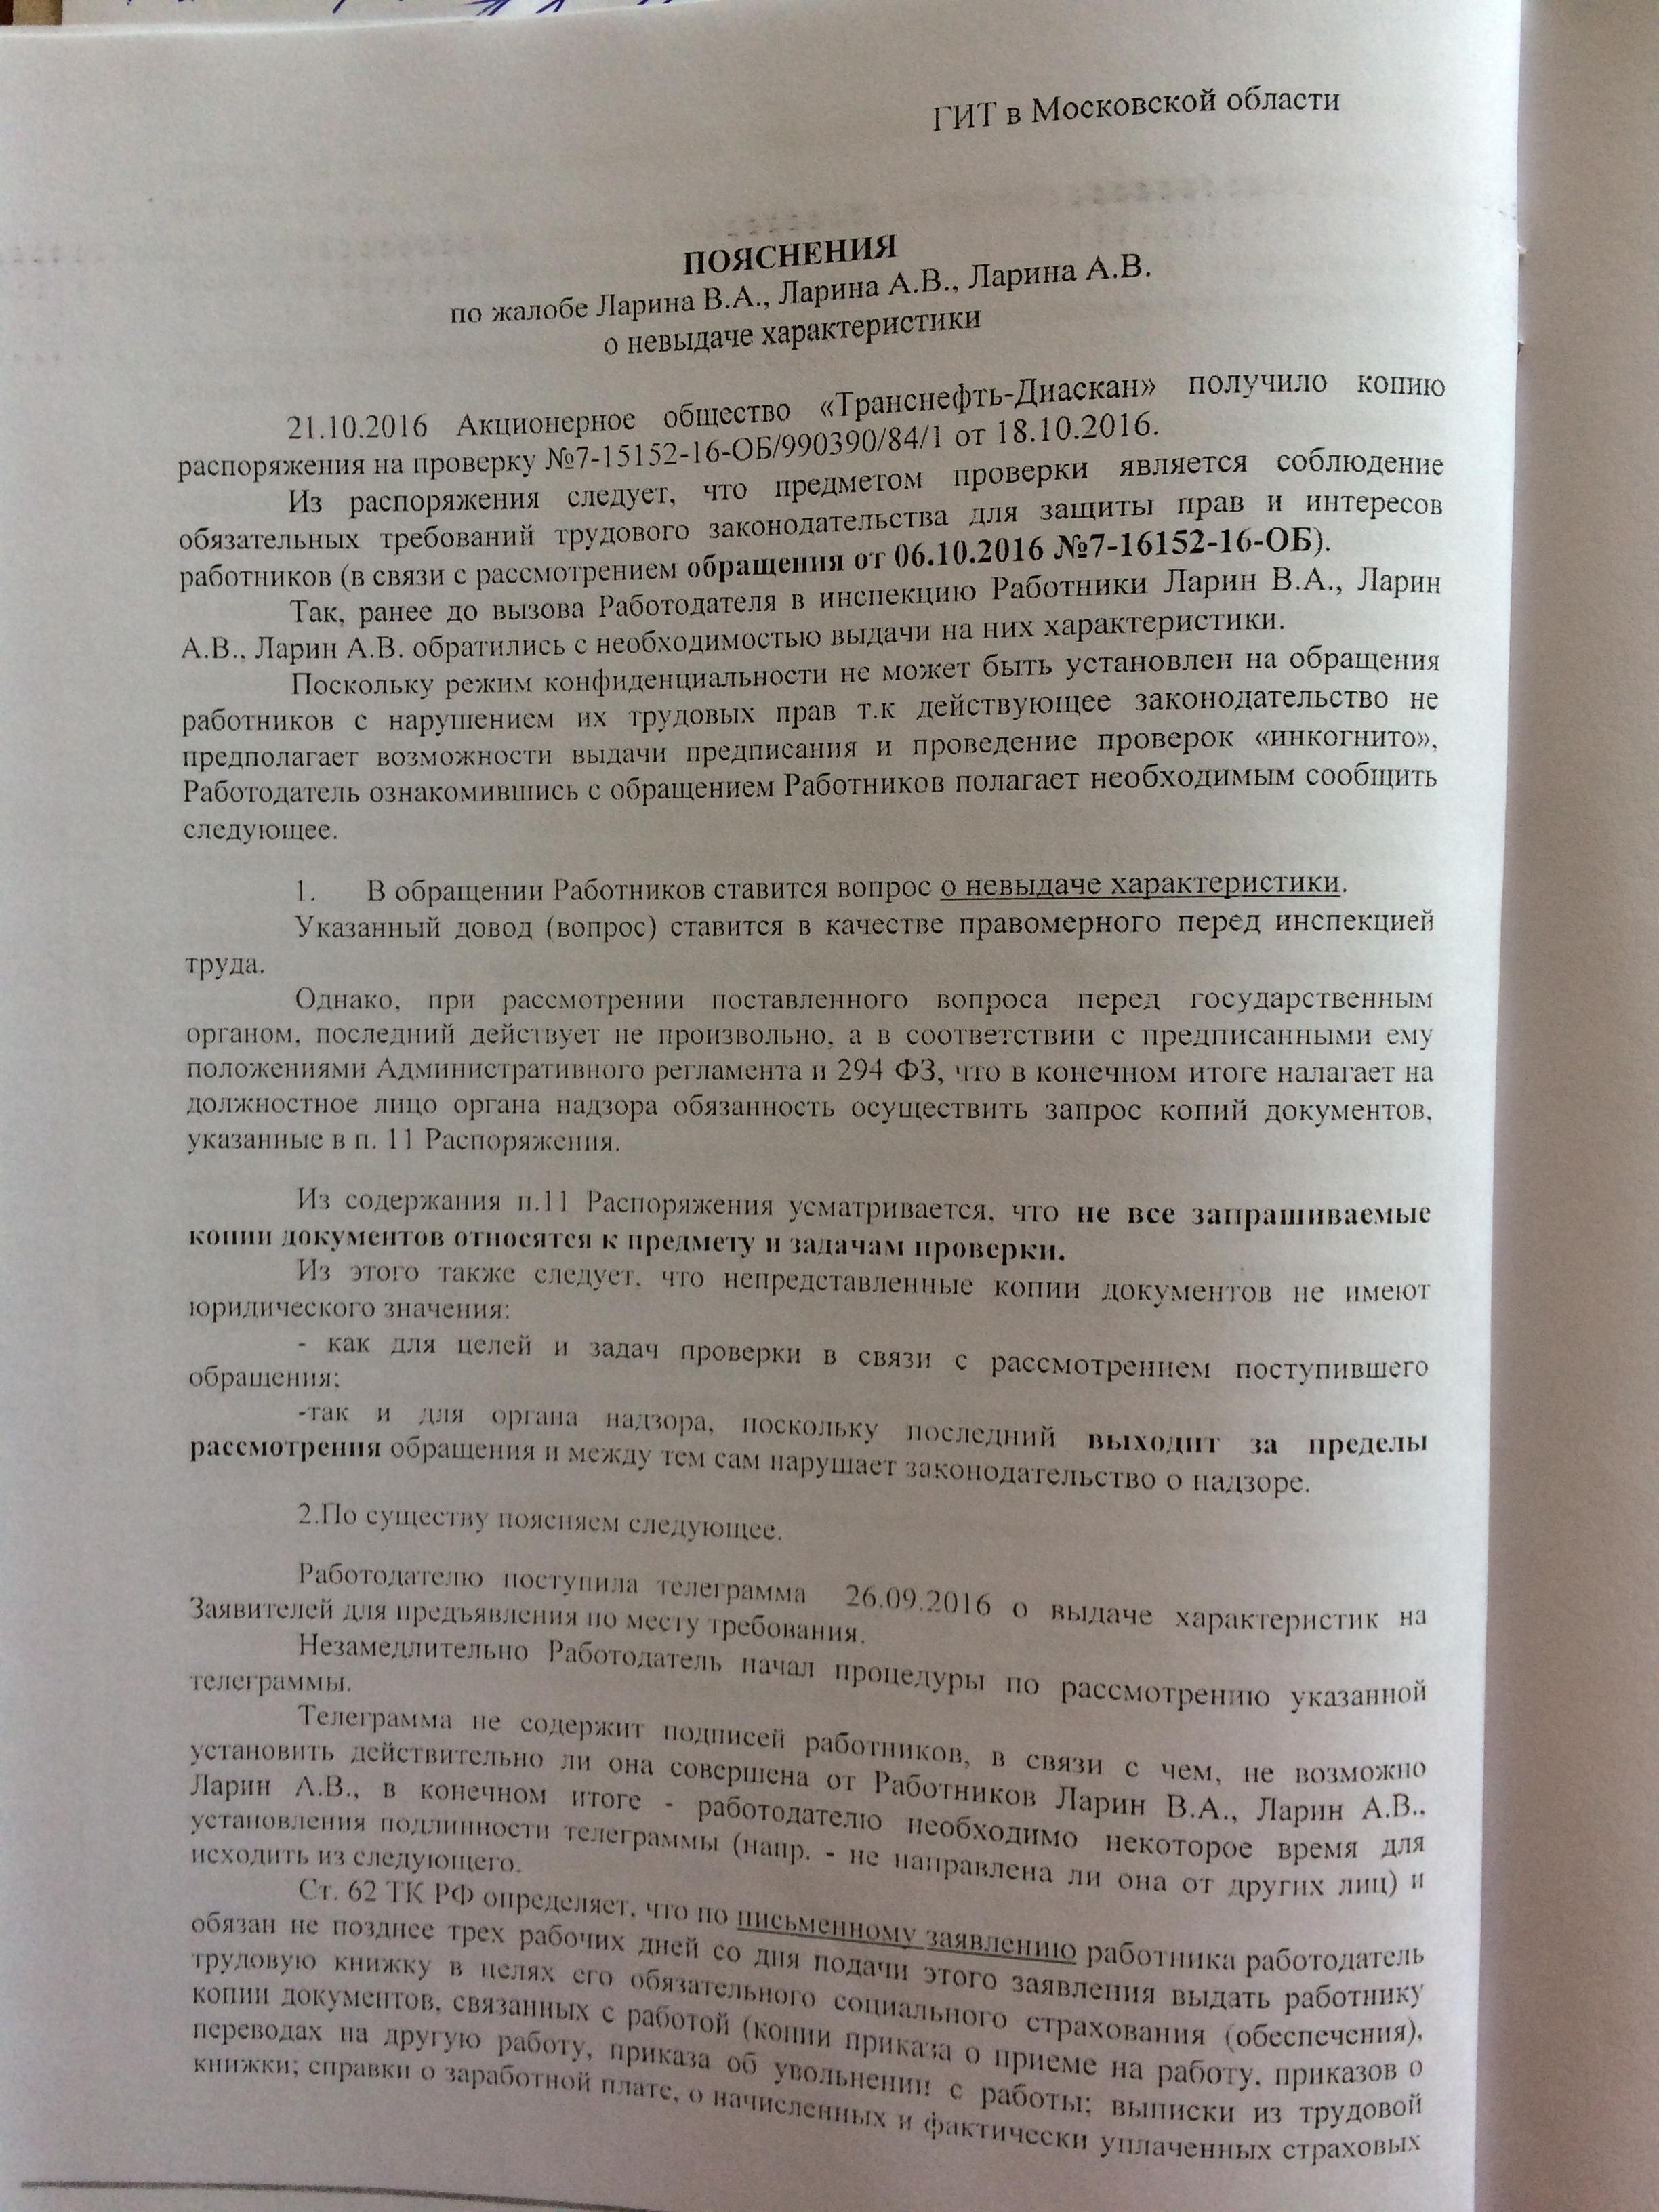 Фото документов проверки Луховицкой городской прокуратурой - 125 (5)